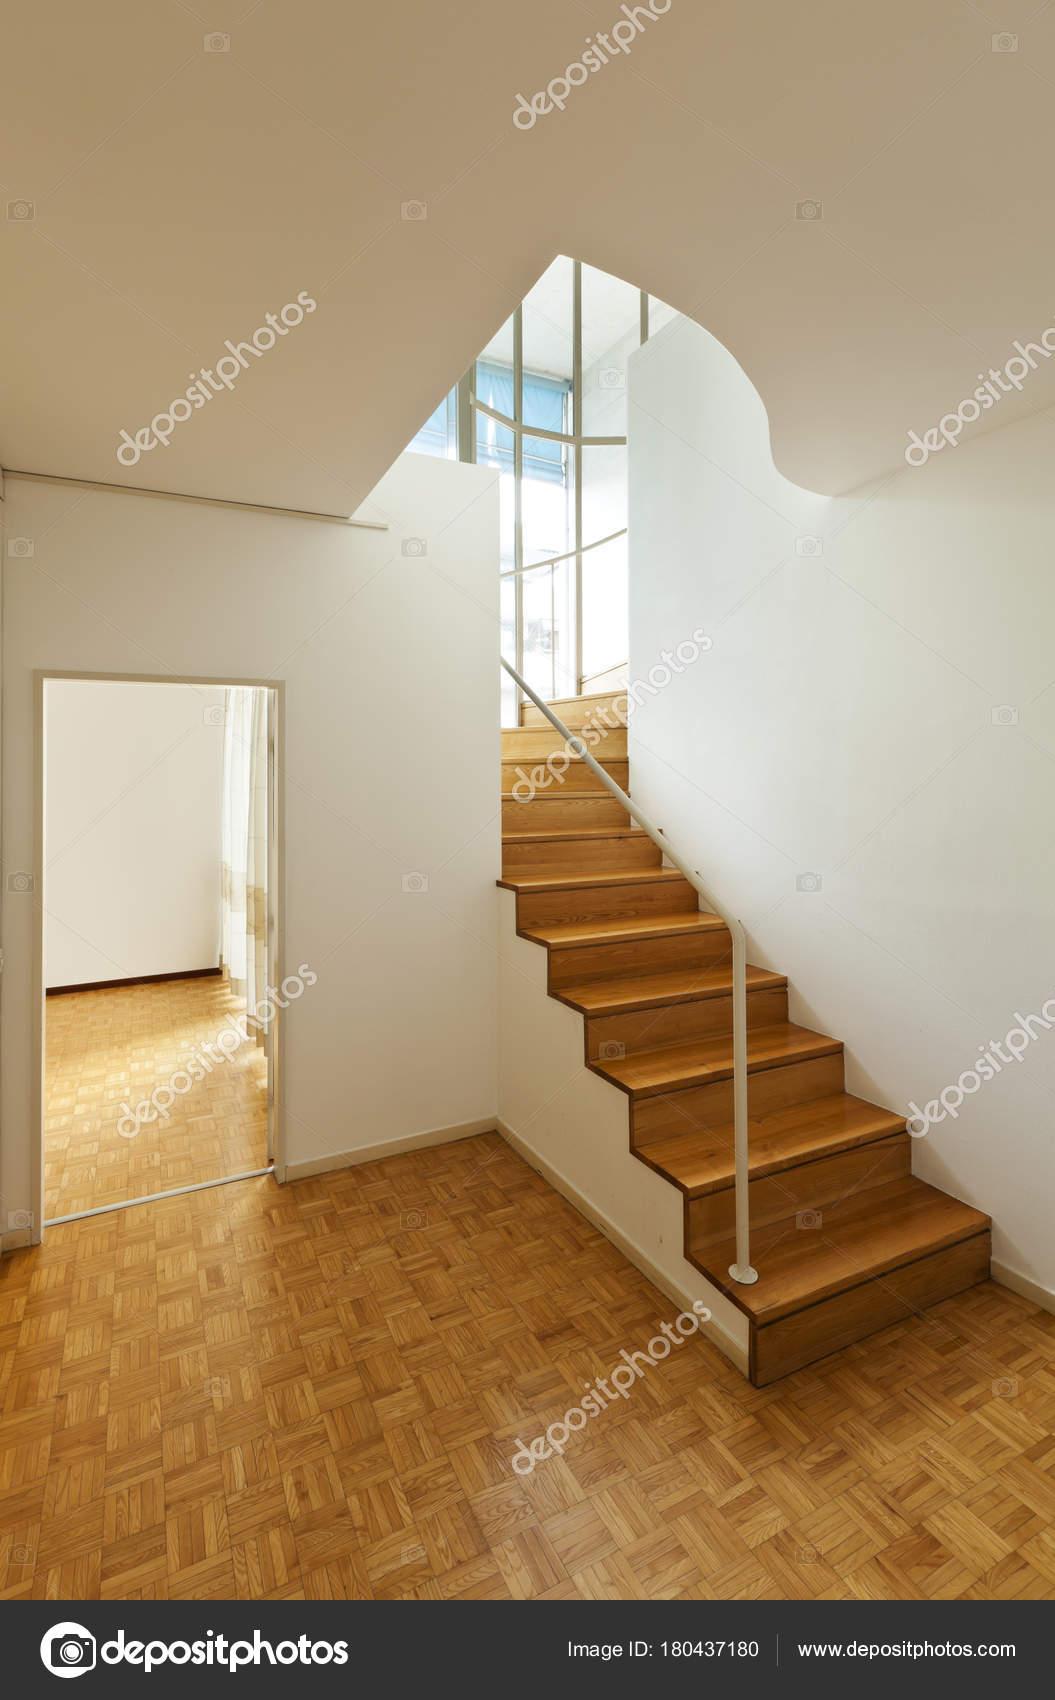 Duplex brilhante com pisos madeira escadas madeira fotografias de stock zveiger 180437180 - Escaleras para duplex ...